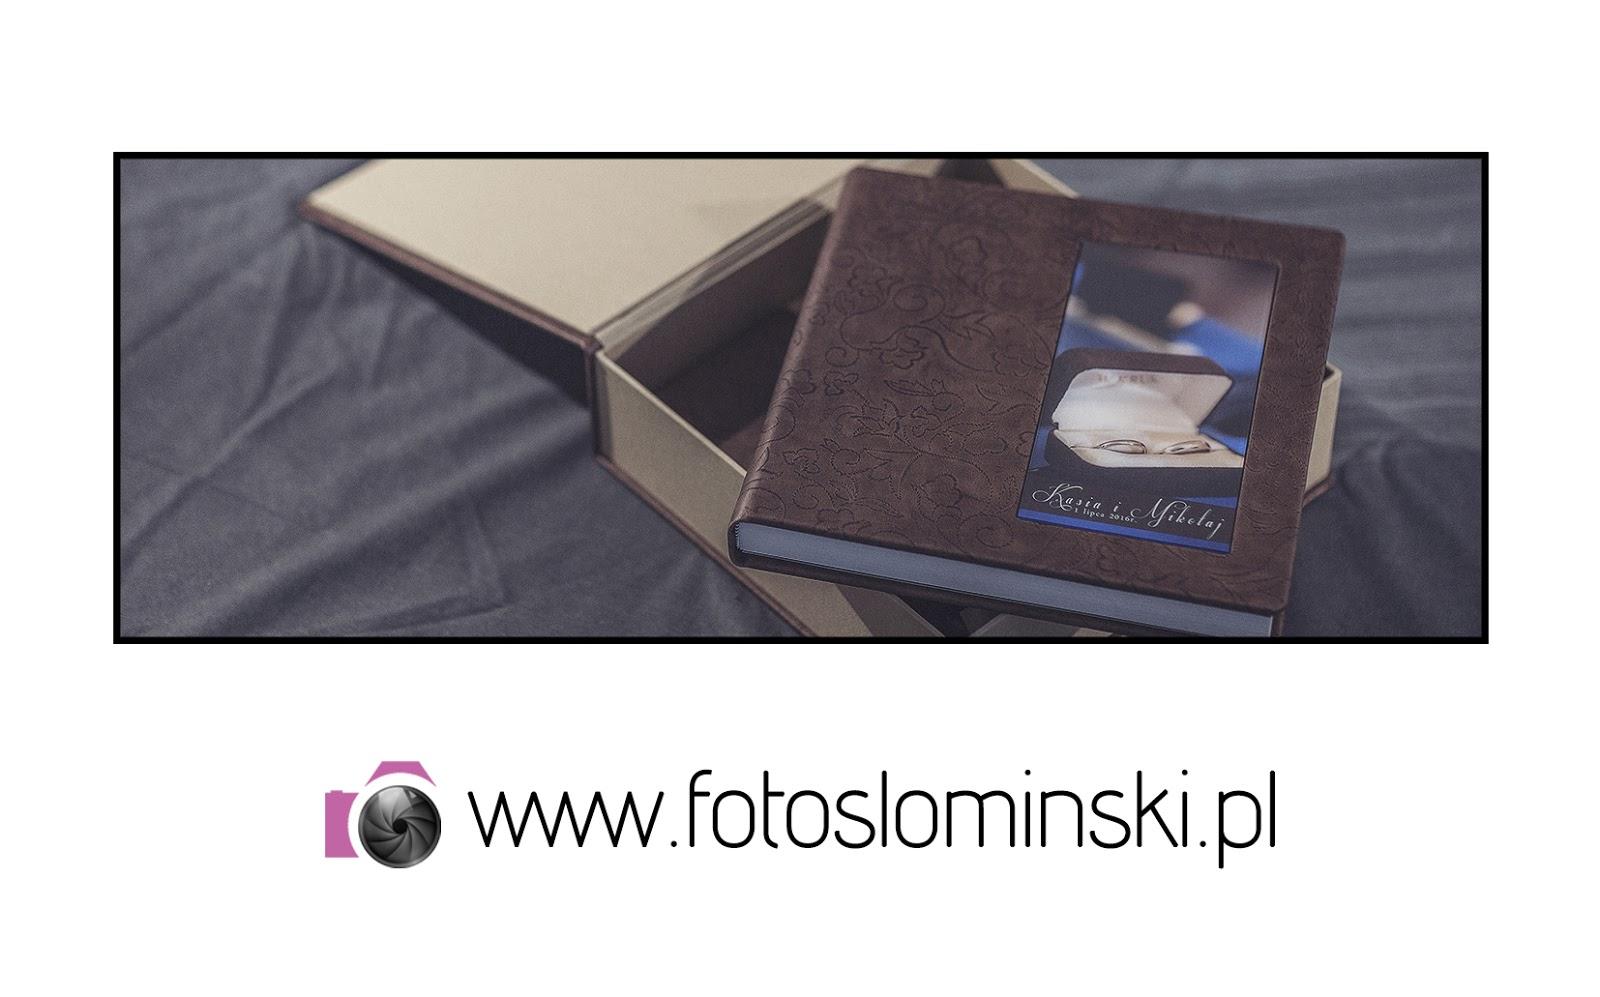 Fotograf Wrocław - Poradnik ślubny. Jaki album ślubny ?